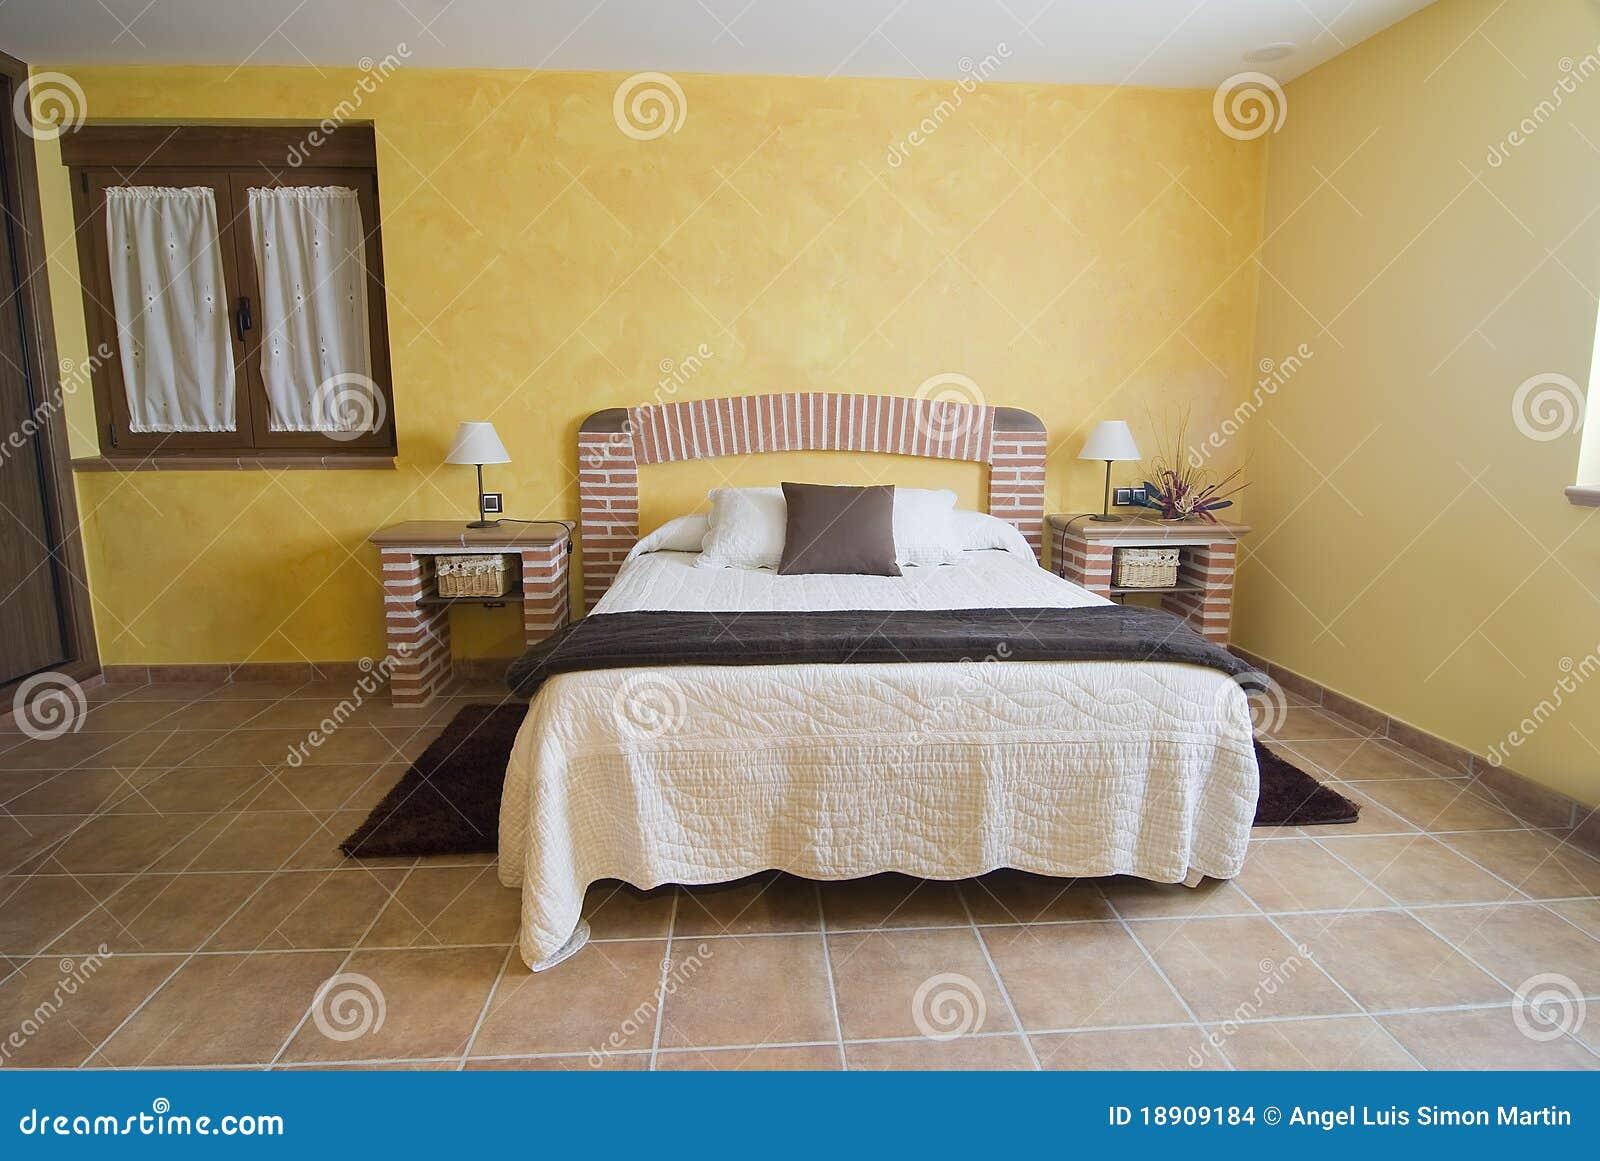 Dormitorio con una cama hecha de ladrillos imagenes de for Muebles con ladrillos